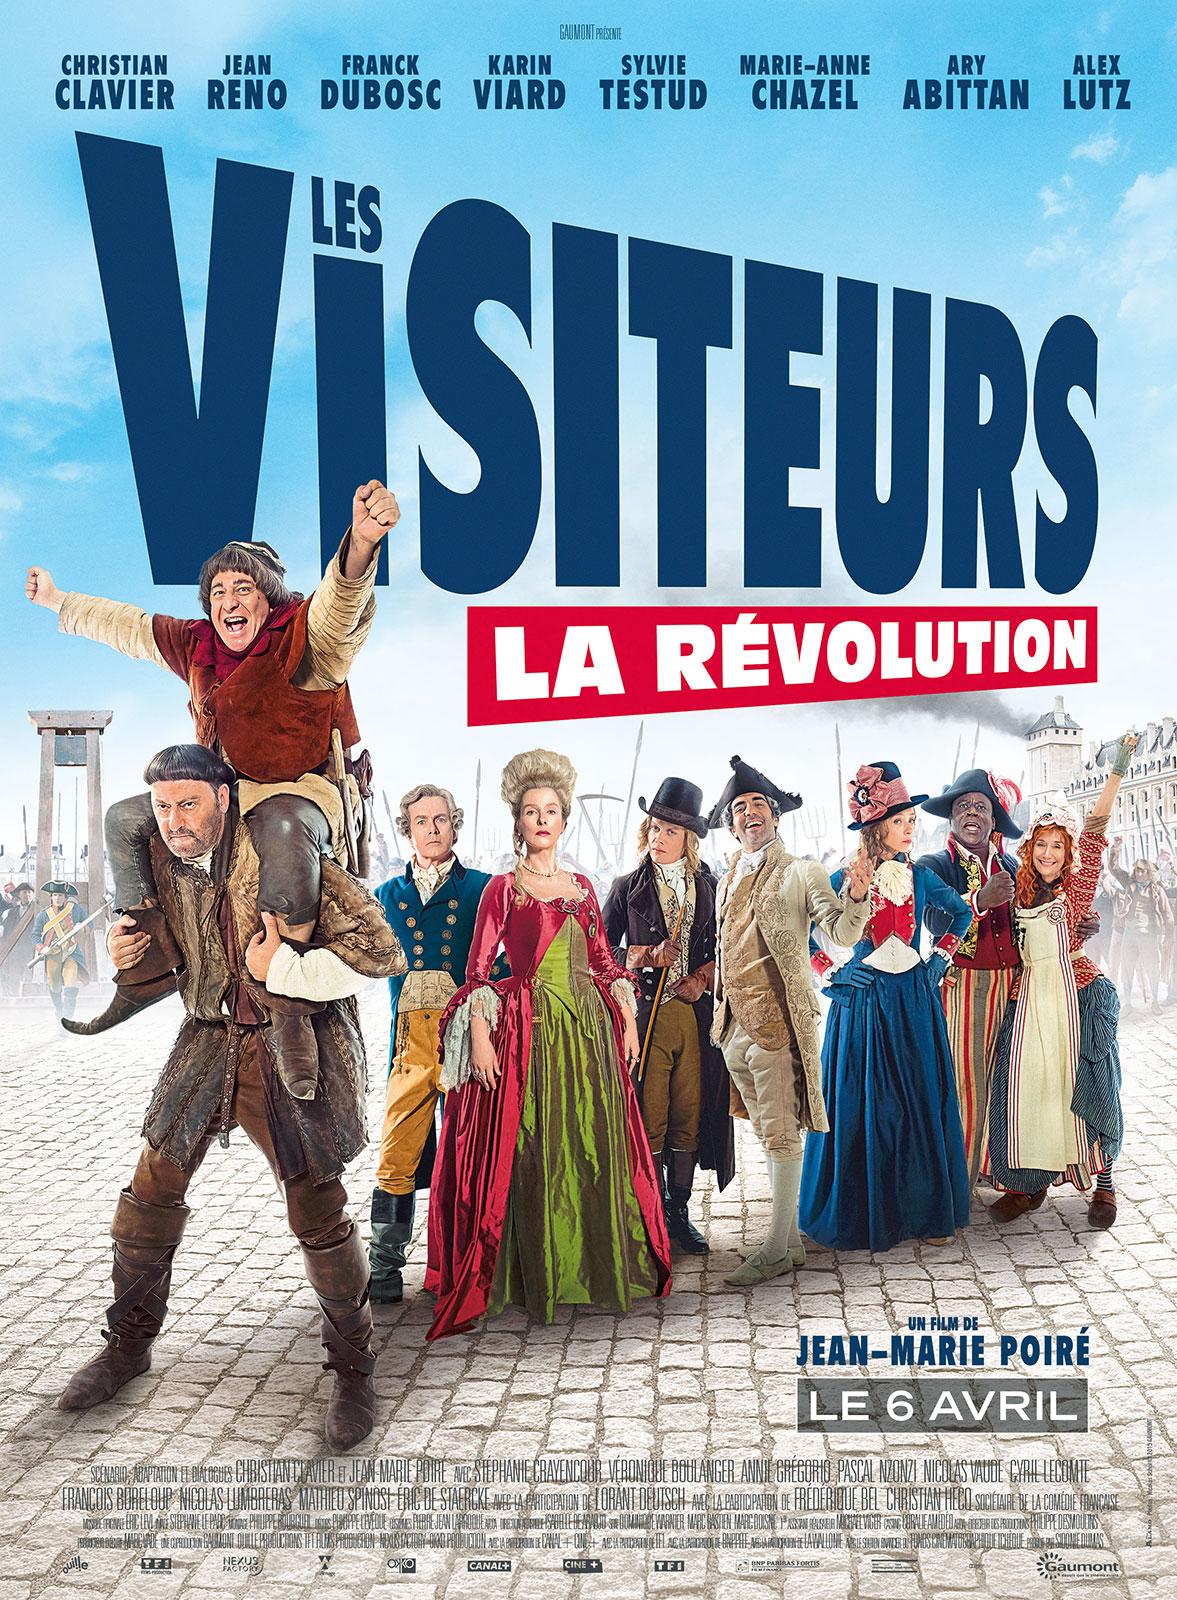 Les Visiteurs - La Révolution ddl